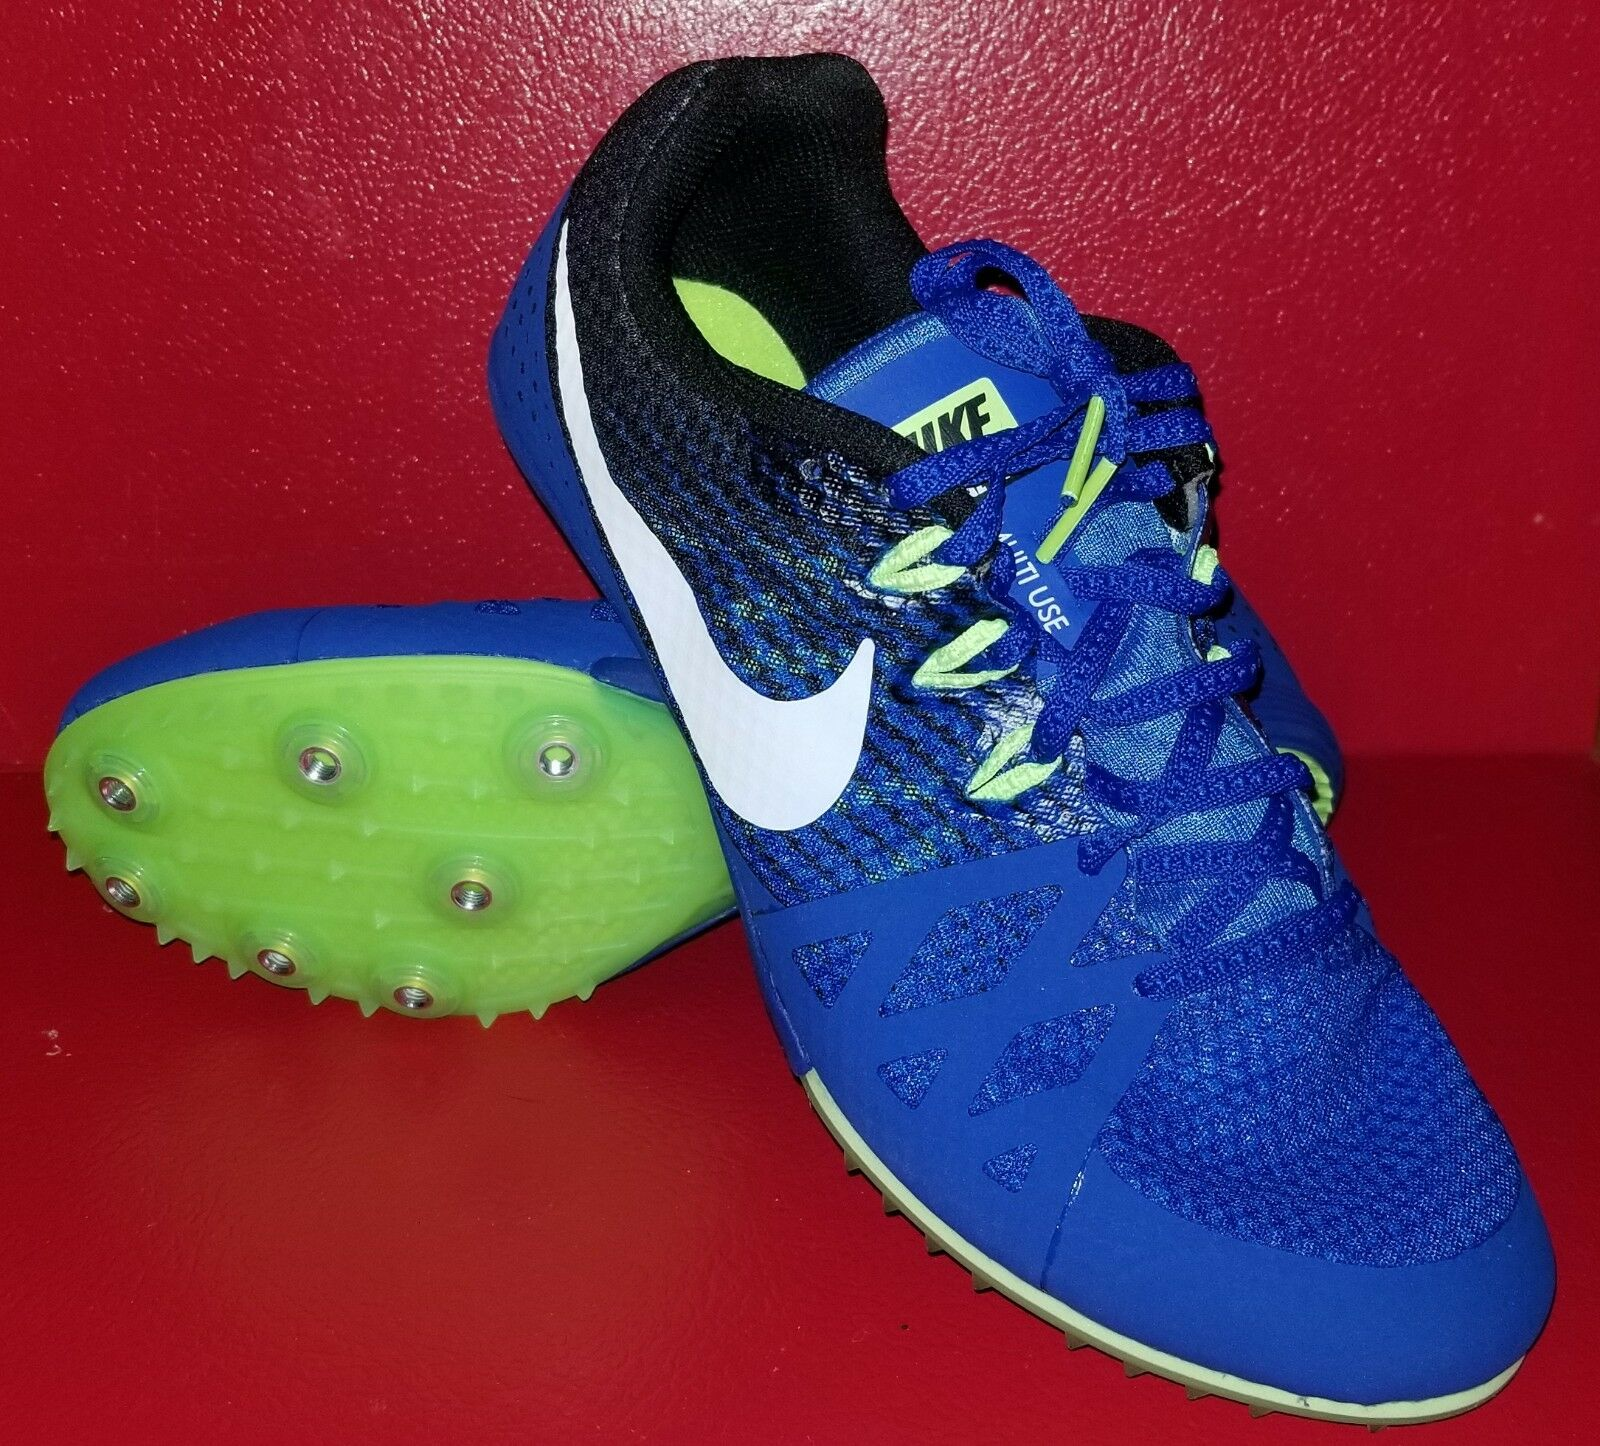 Nike zoom rivale m 8 uomini campo su pista campo uomini sprint spuntoni scarpe 806555 413 8 6d999d